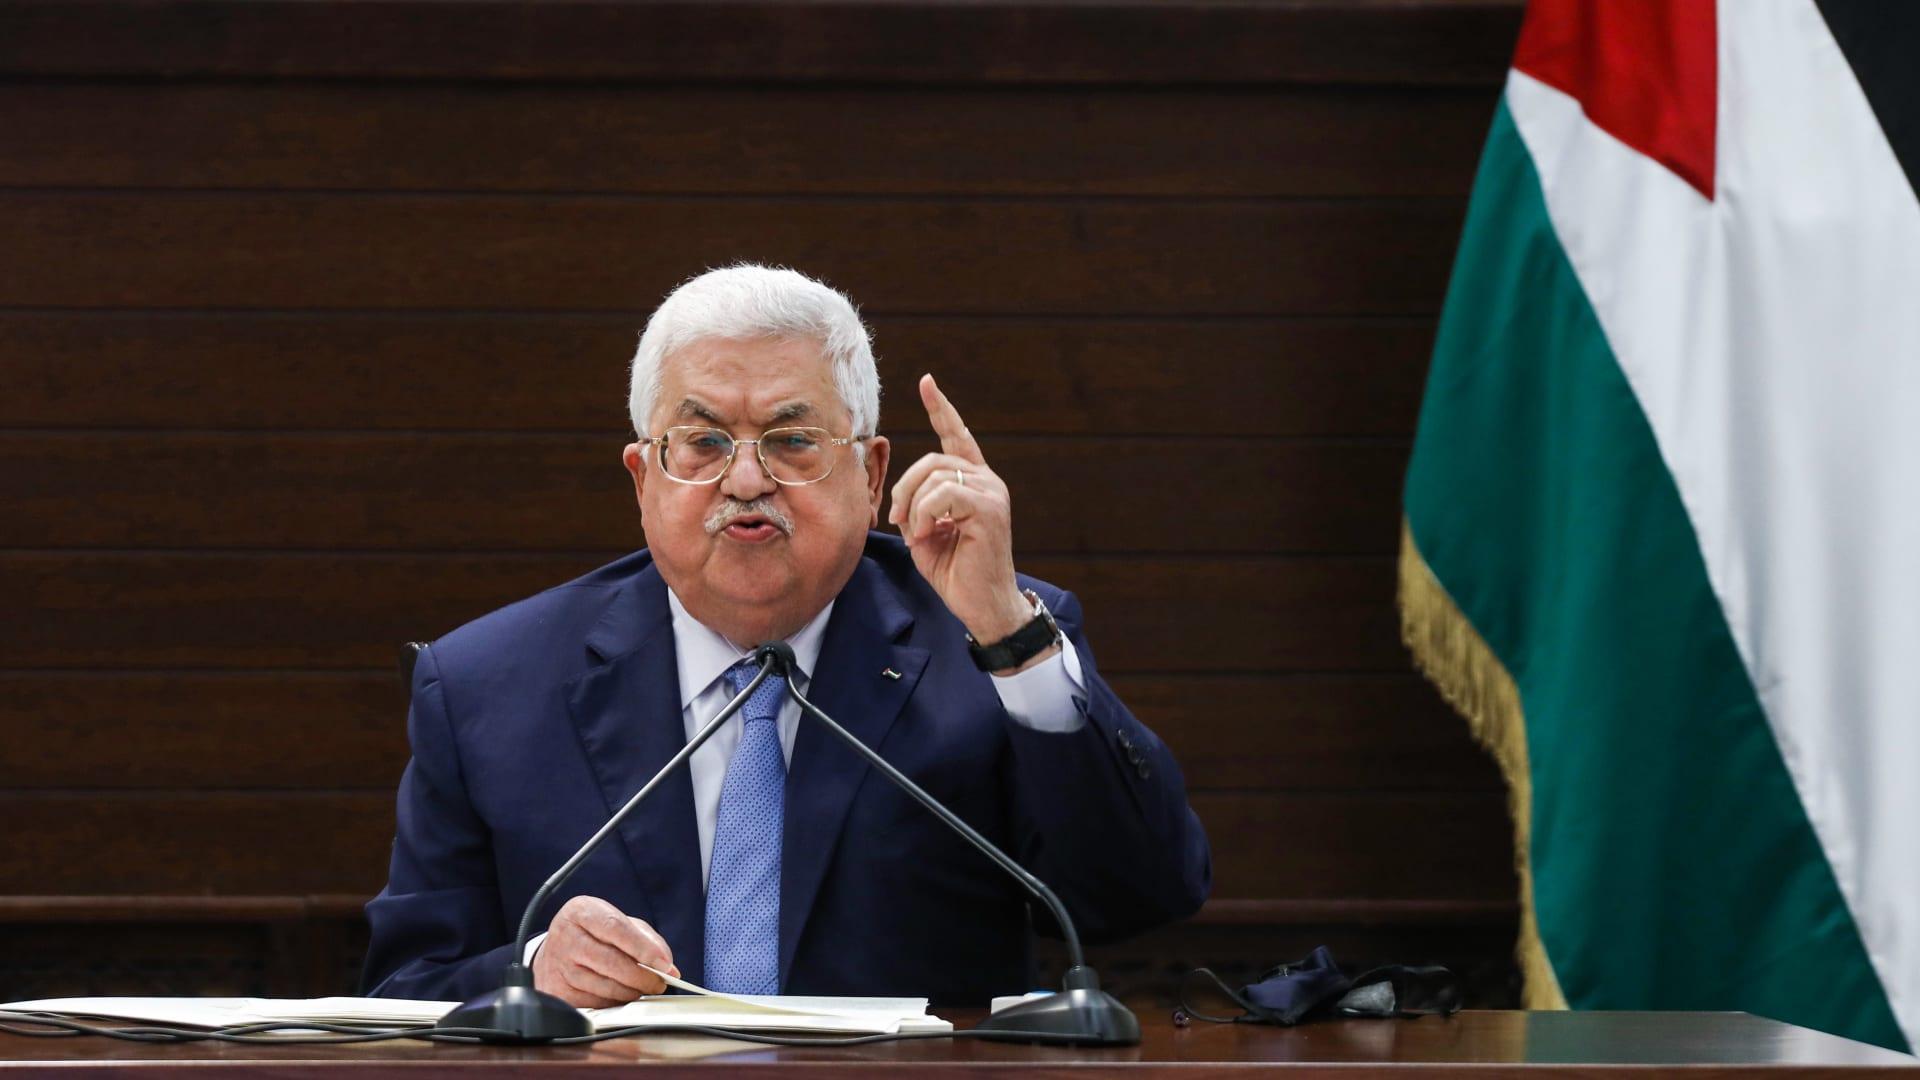 فيديو متداول لمحمود عباس يوجه شتائم خلال اتصال مع مسؤول فلسطيني